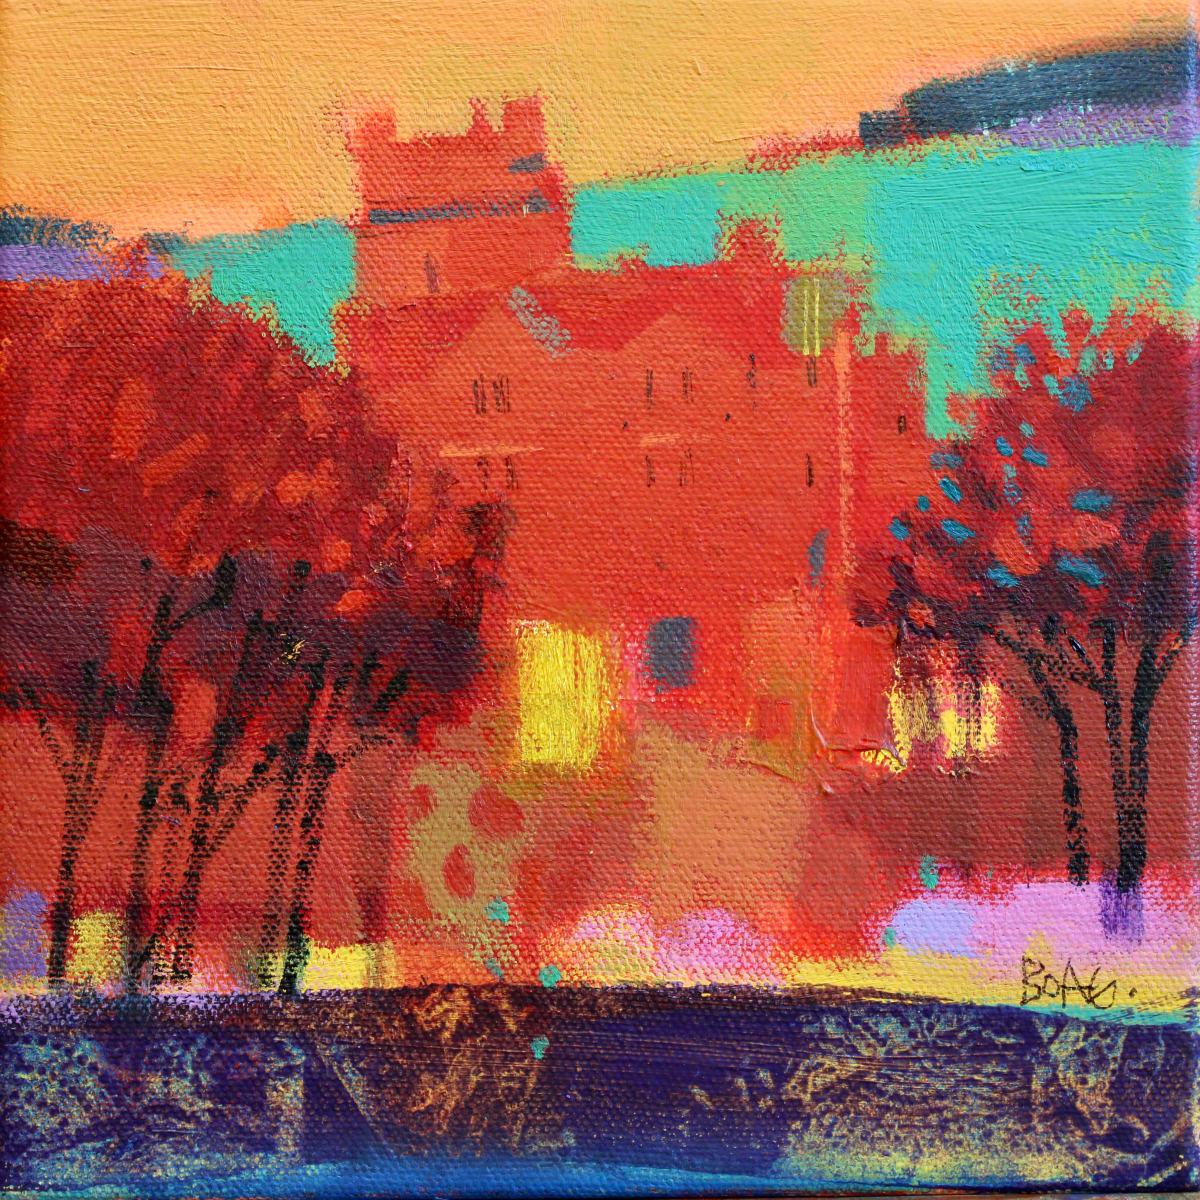 Ury House, Autumn by francis boag